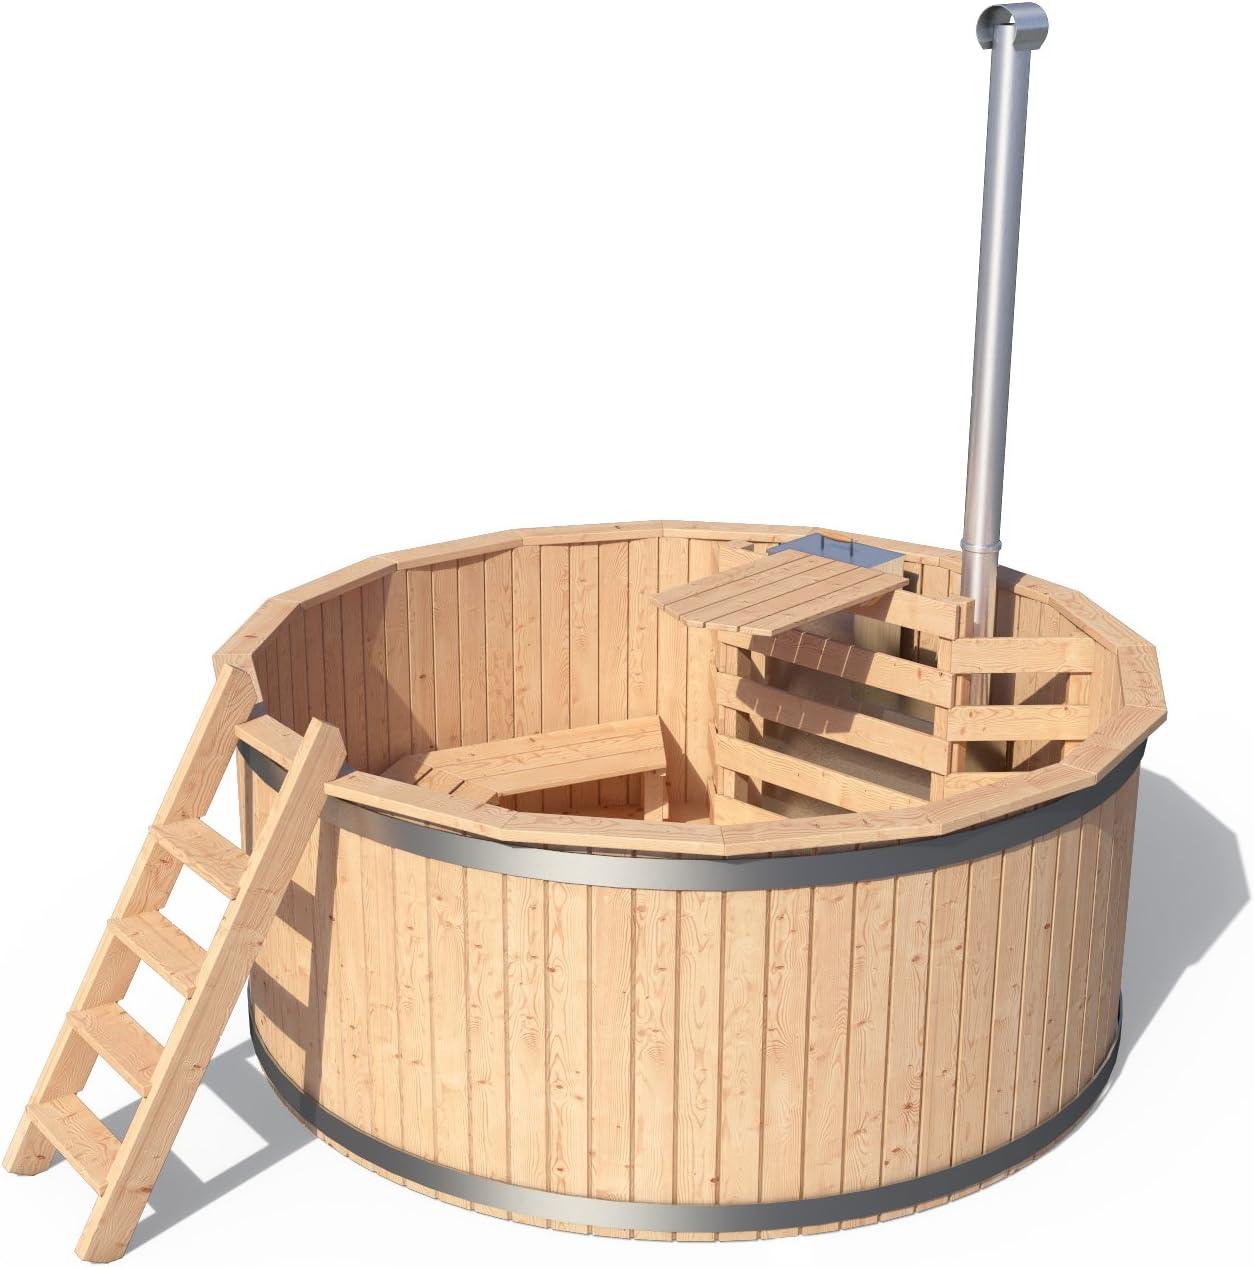 Isidor Holzbau - Piscina de madera para exterior, juego completo con tapa y accesorios opcionales